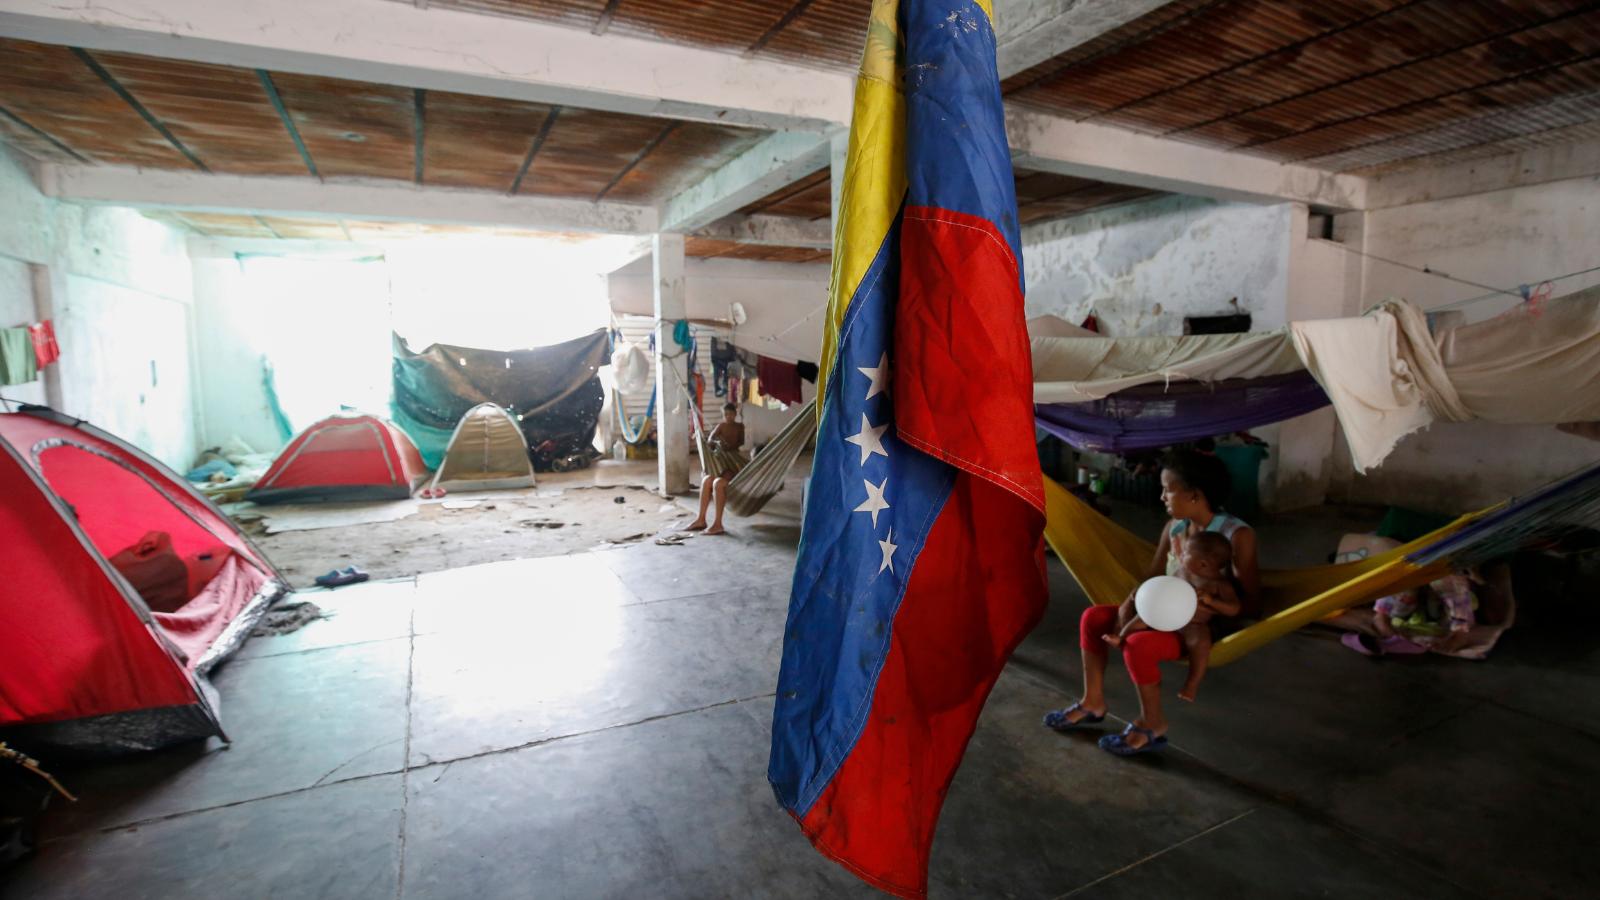 Italia donó 2 millones de euros para la protección de los venezolanos en el país